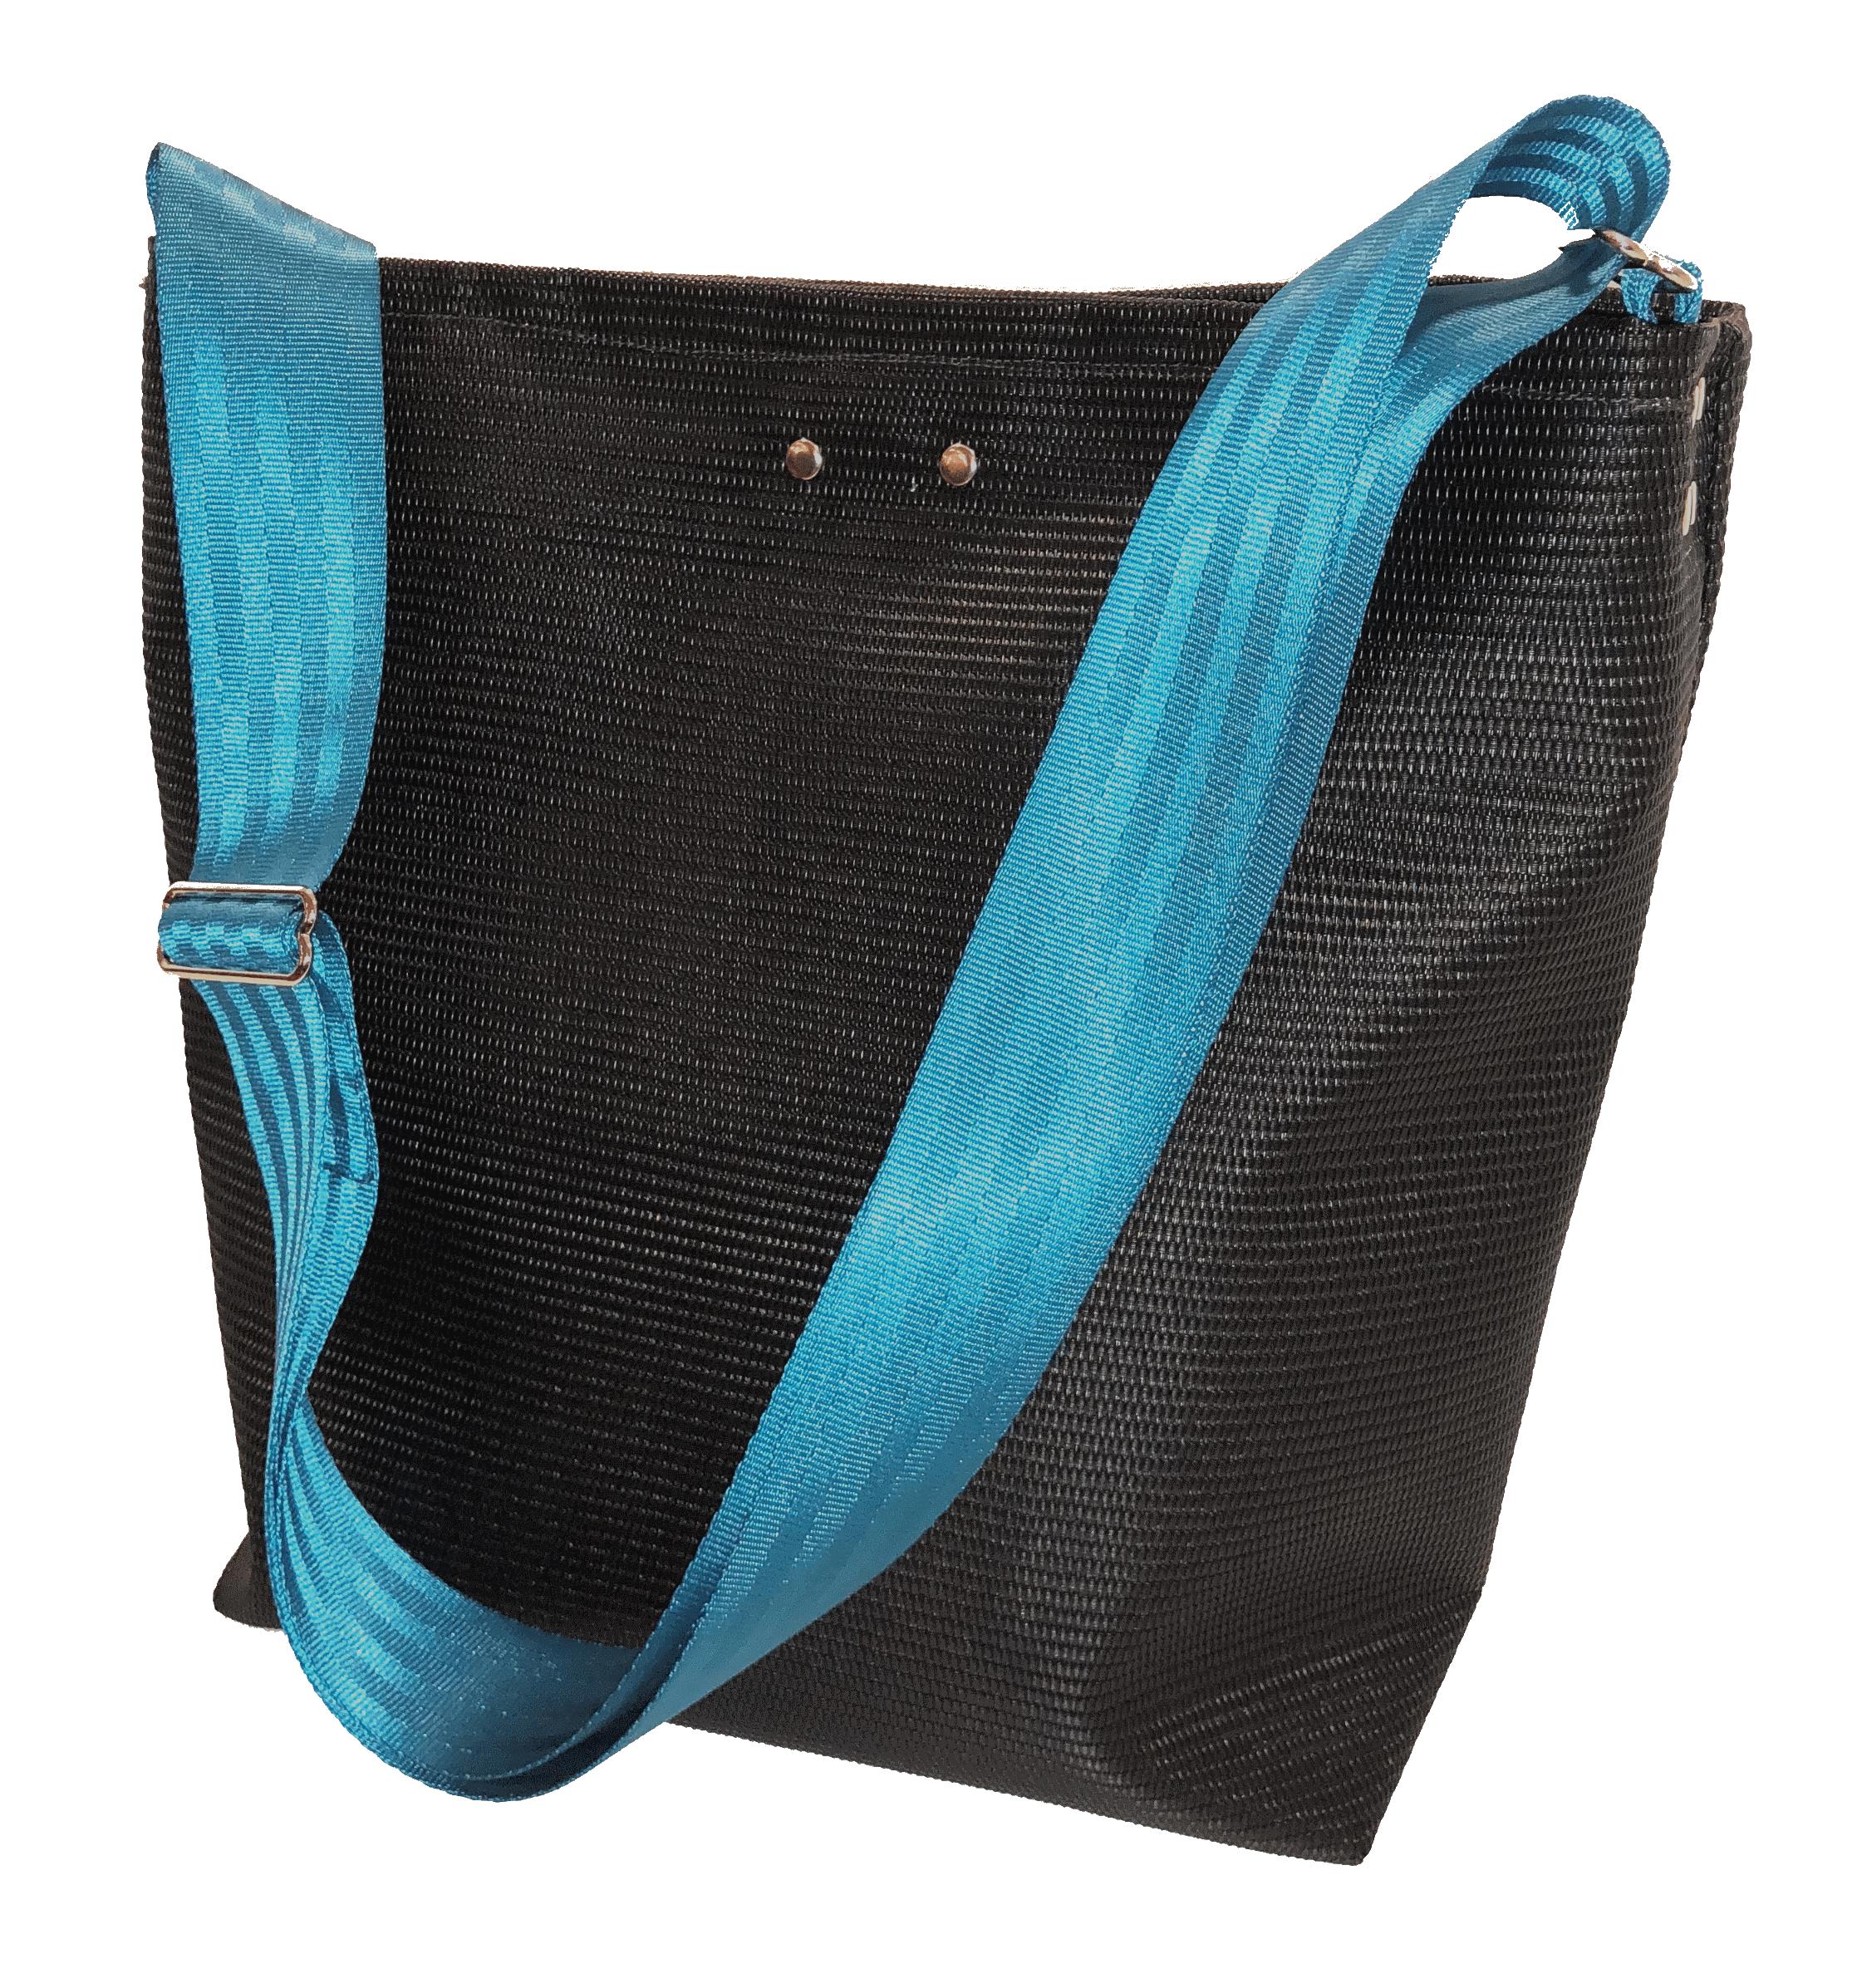 Grumpy Bags Black Mesh Tote Med 2018 Sold.png